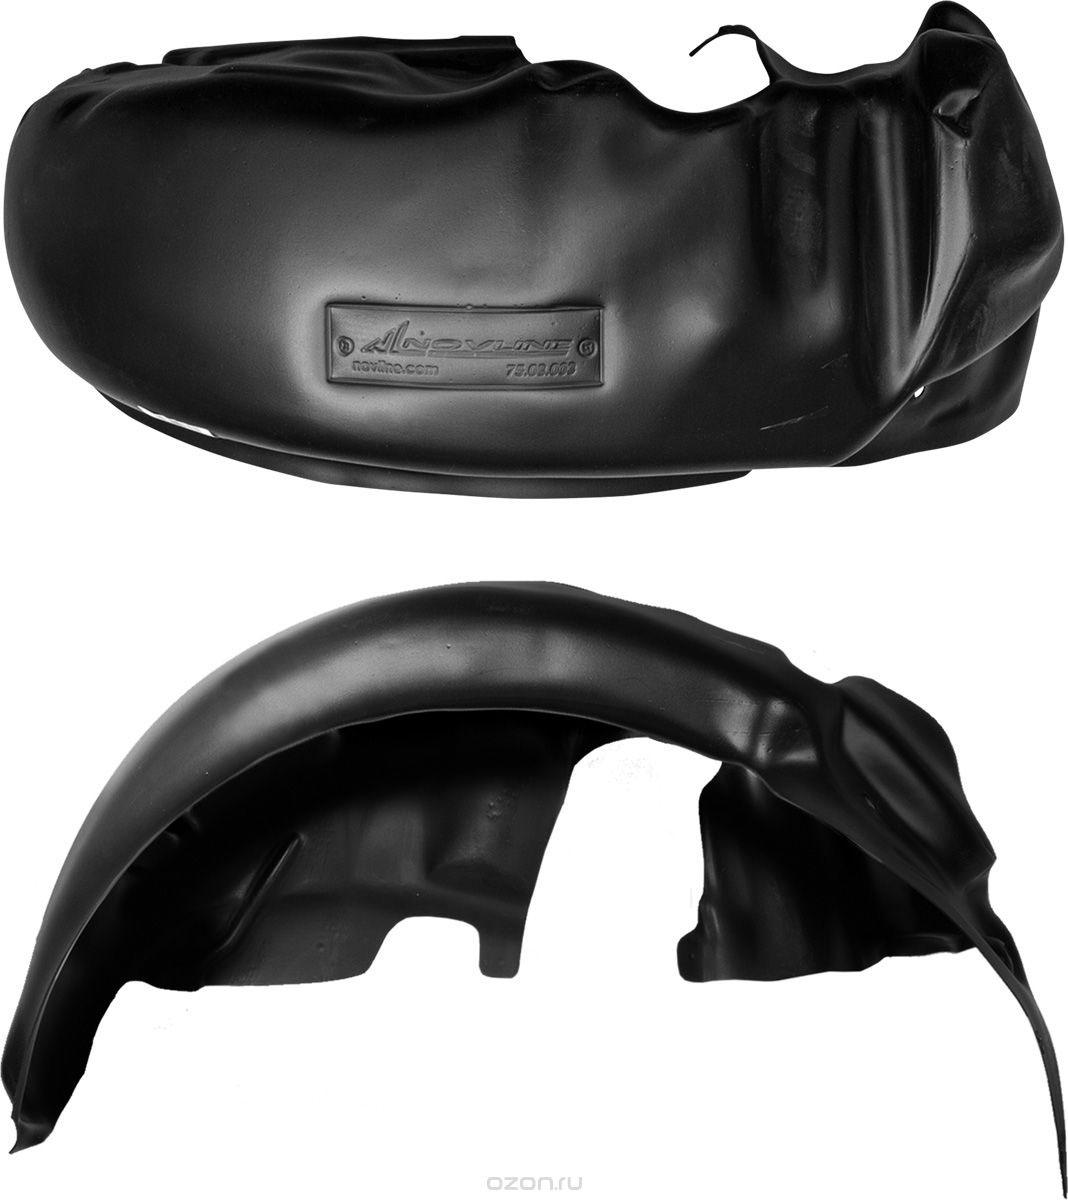 Подкрылок Novline-Autofamily, для Haima M3, 09/2014->, седан, задний левыйNLL.83.03.003Идеальная защита колесной ниши. Локеры разработаны с применением цифровых технологий, гарантируют максимальную повторяемость поверхности арки. Изделия устанавливаются без нарушения лакокрасочного покрытия автомобиля, каждый подкрылок комплектуется крепежом. Уважаемые клиенты, обращаем ваше внимание, что фотографии на подкрылки универсальные и не отражают реальную форму изделия. При этом само изделие идет точно под размер указанного автомобиля.